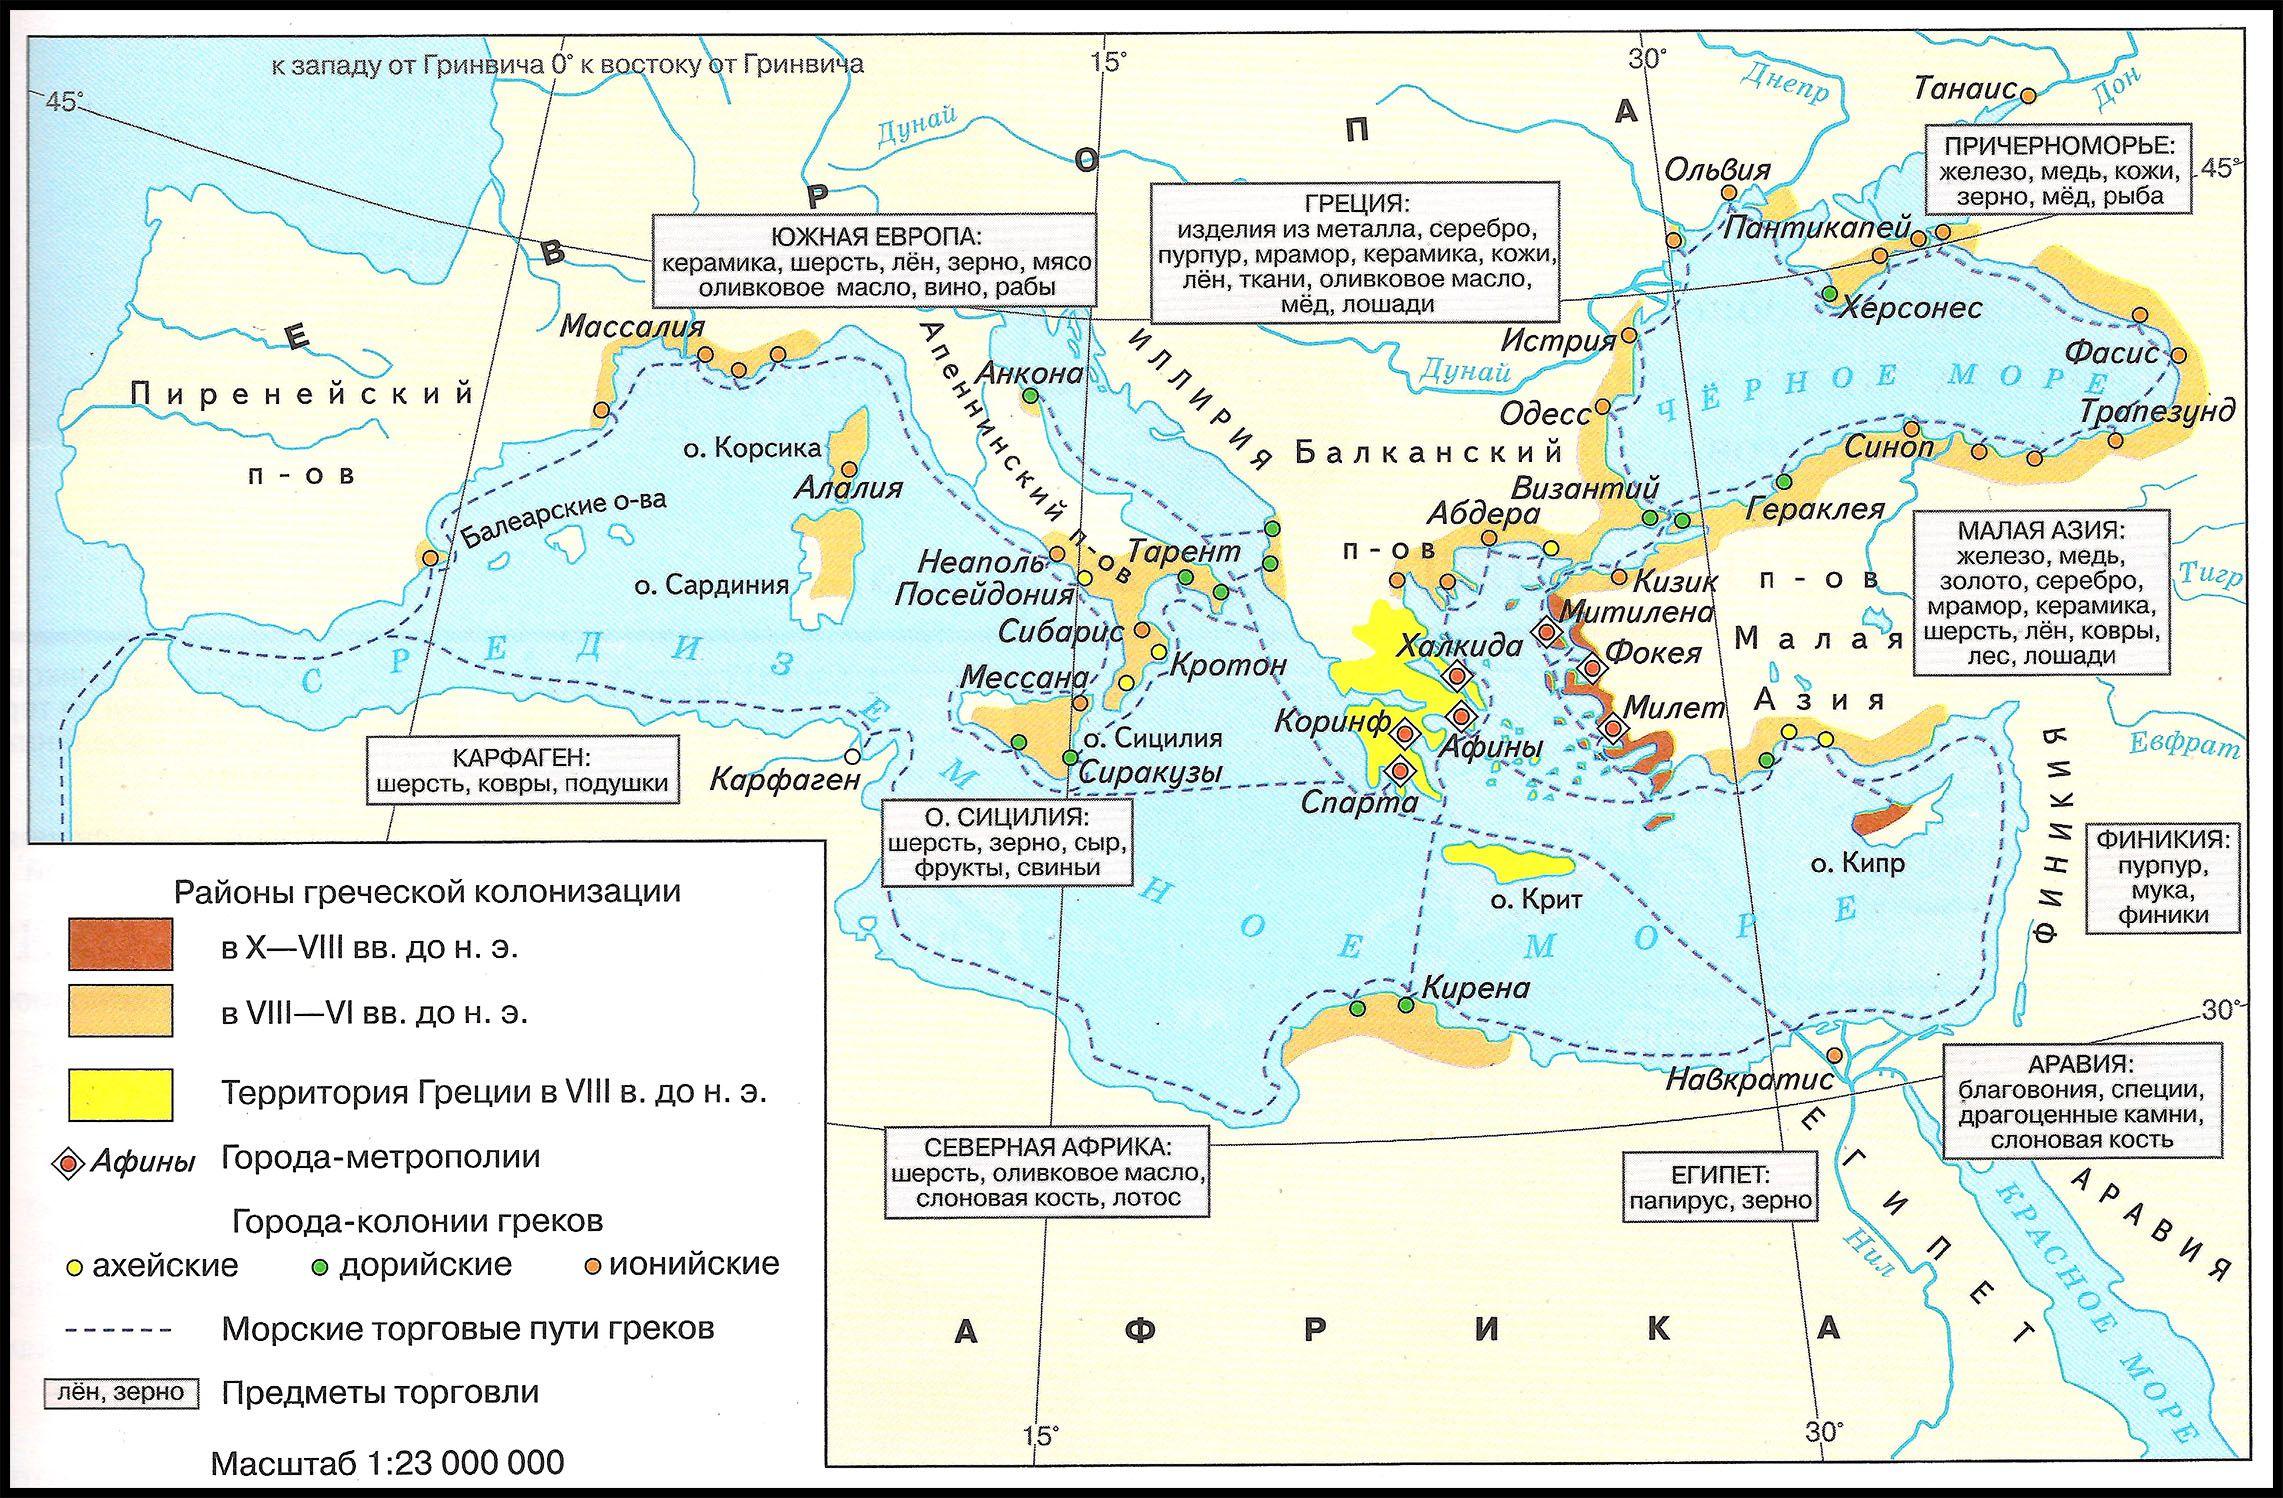 Греческая колонизация и торговля, 800-500 гг. до н.э.